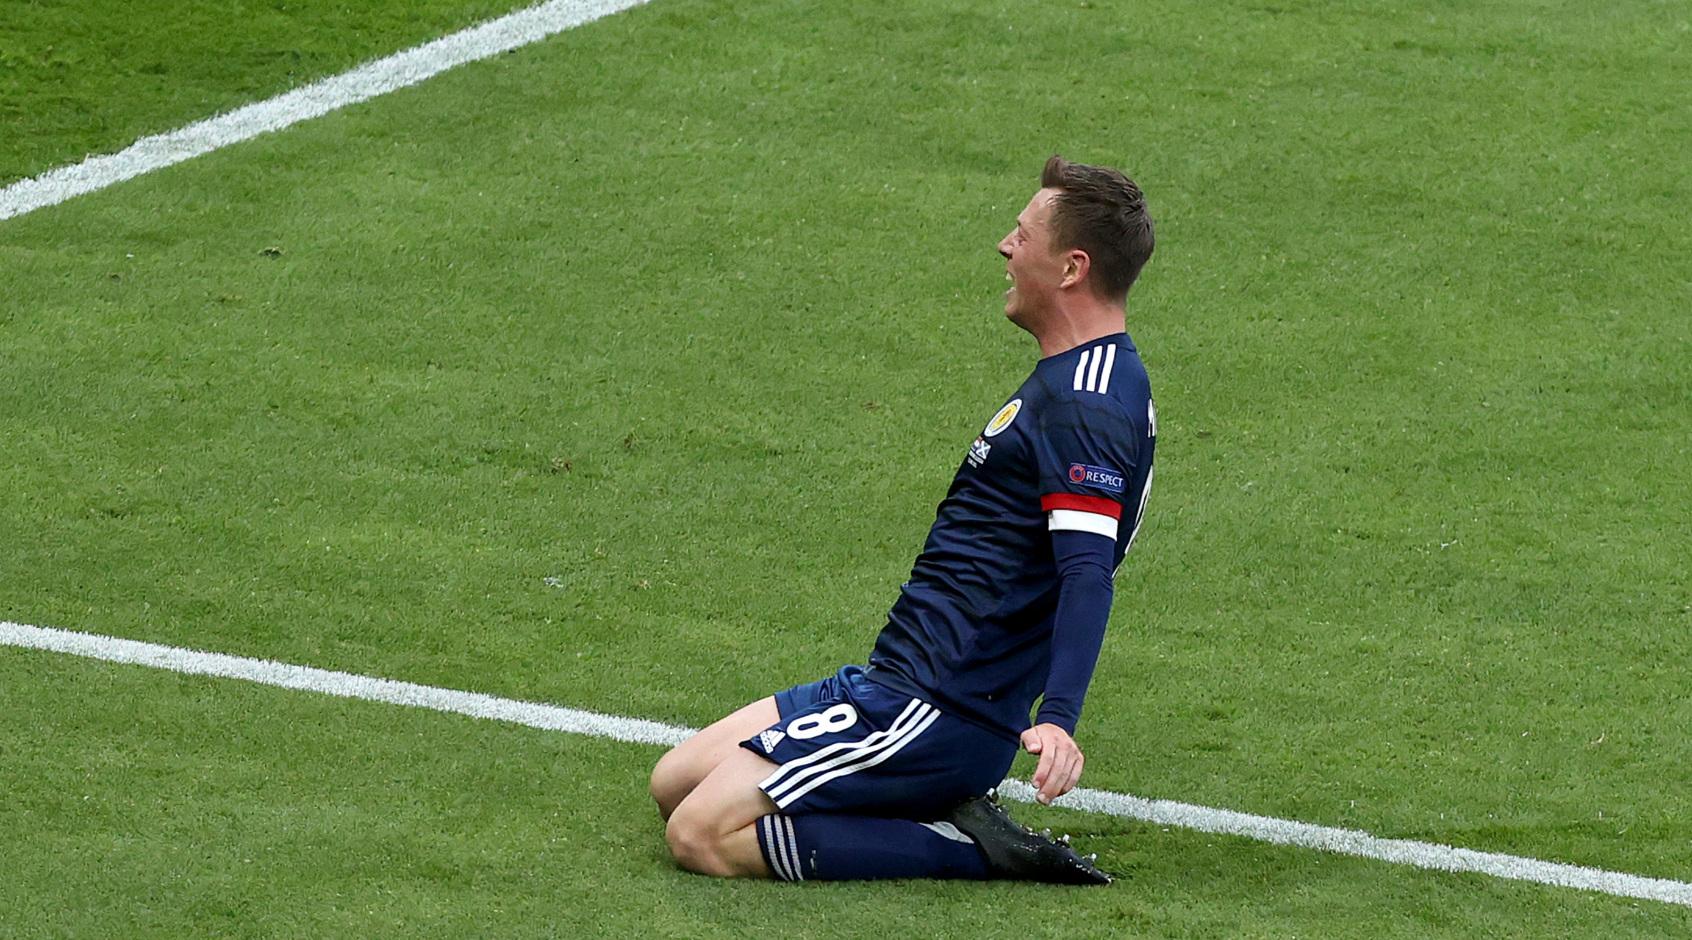 Каллум Макгрегор забил первый за 25 лет гол сборной Шотландии на Евро (Видео)